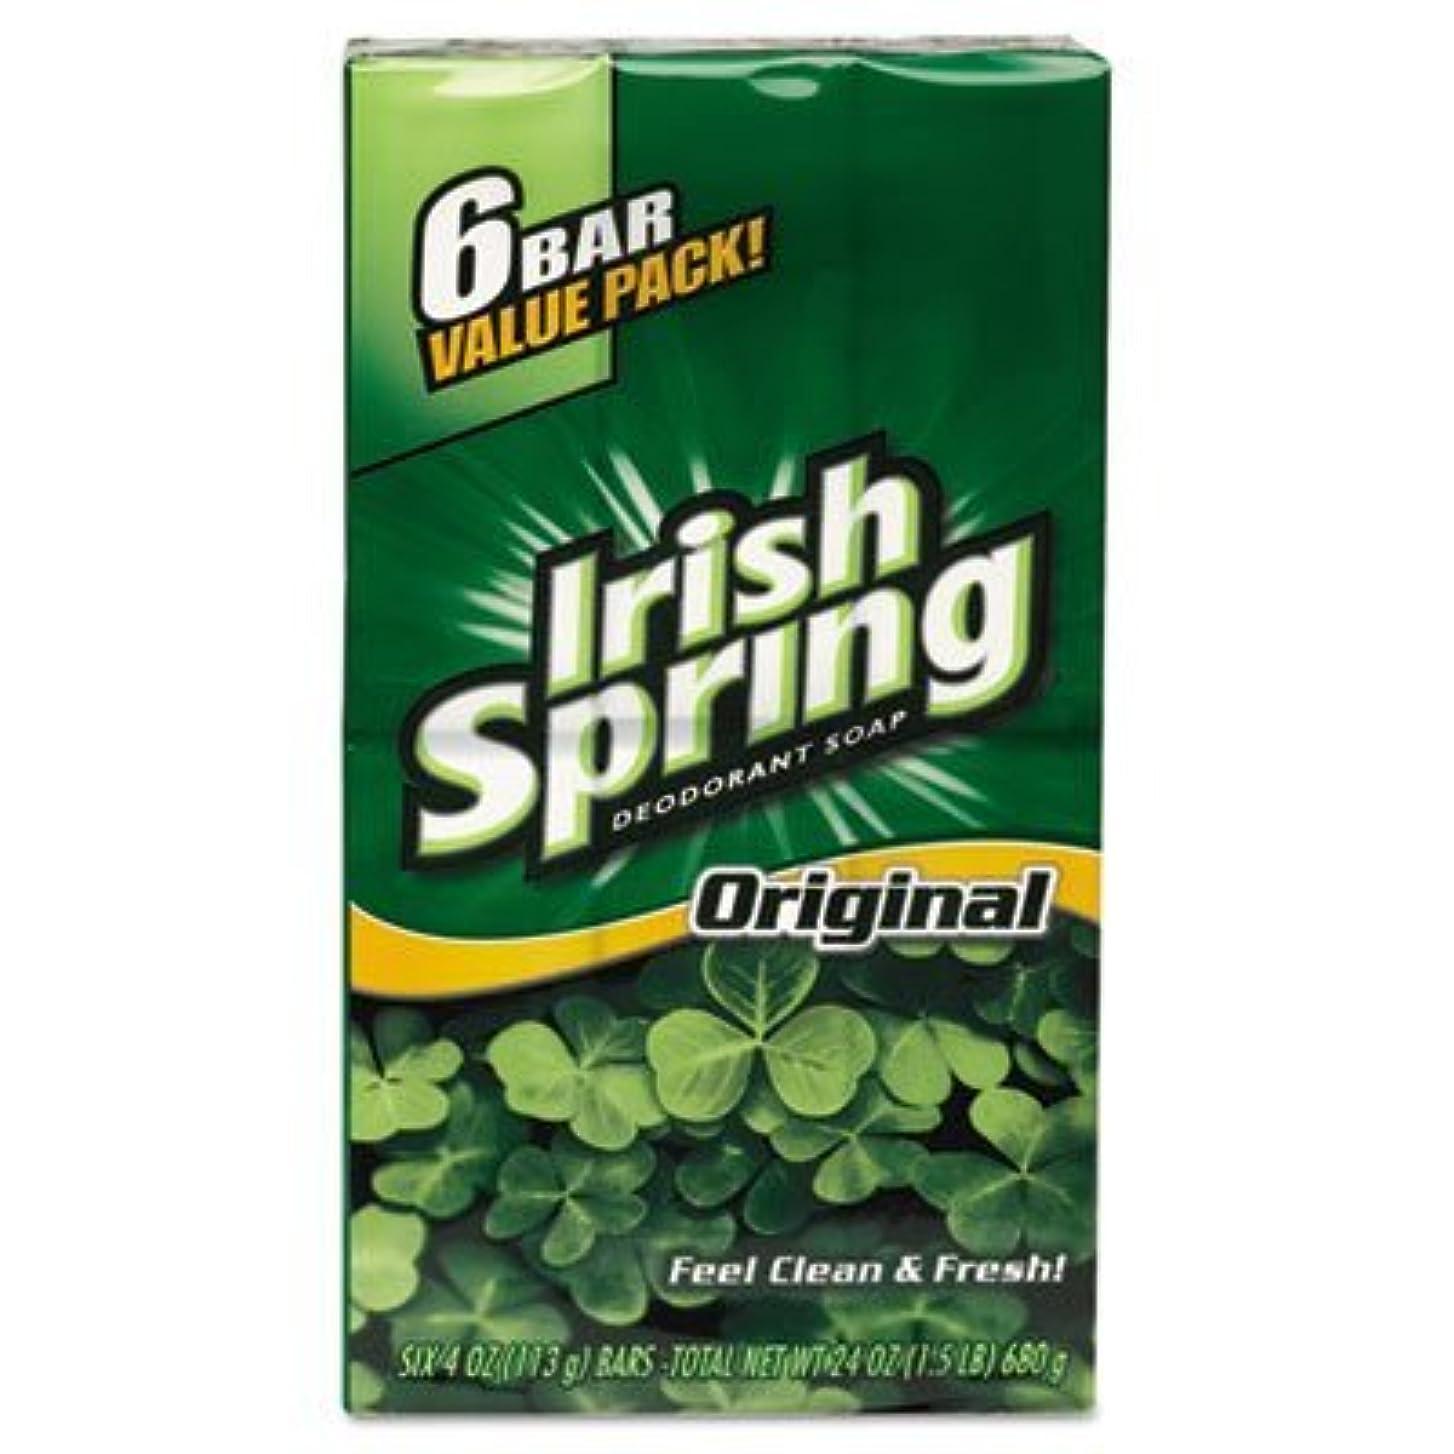 野心減るあいにくColgate アイルランドの春デオドラントソープ3.75Oz。 (6バール)